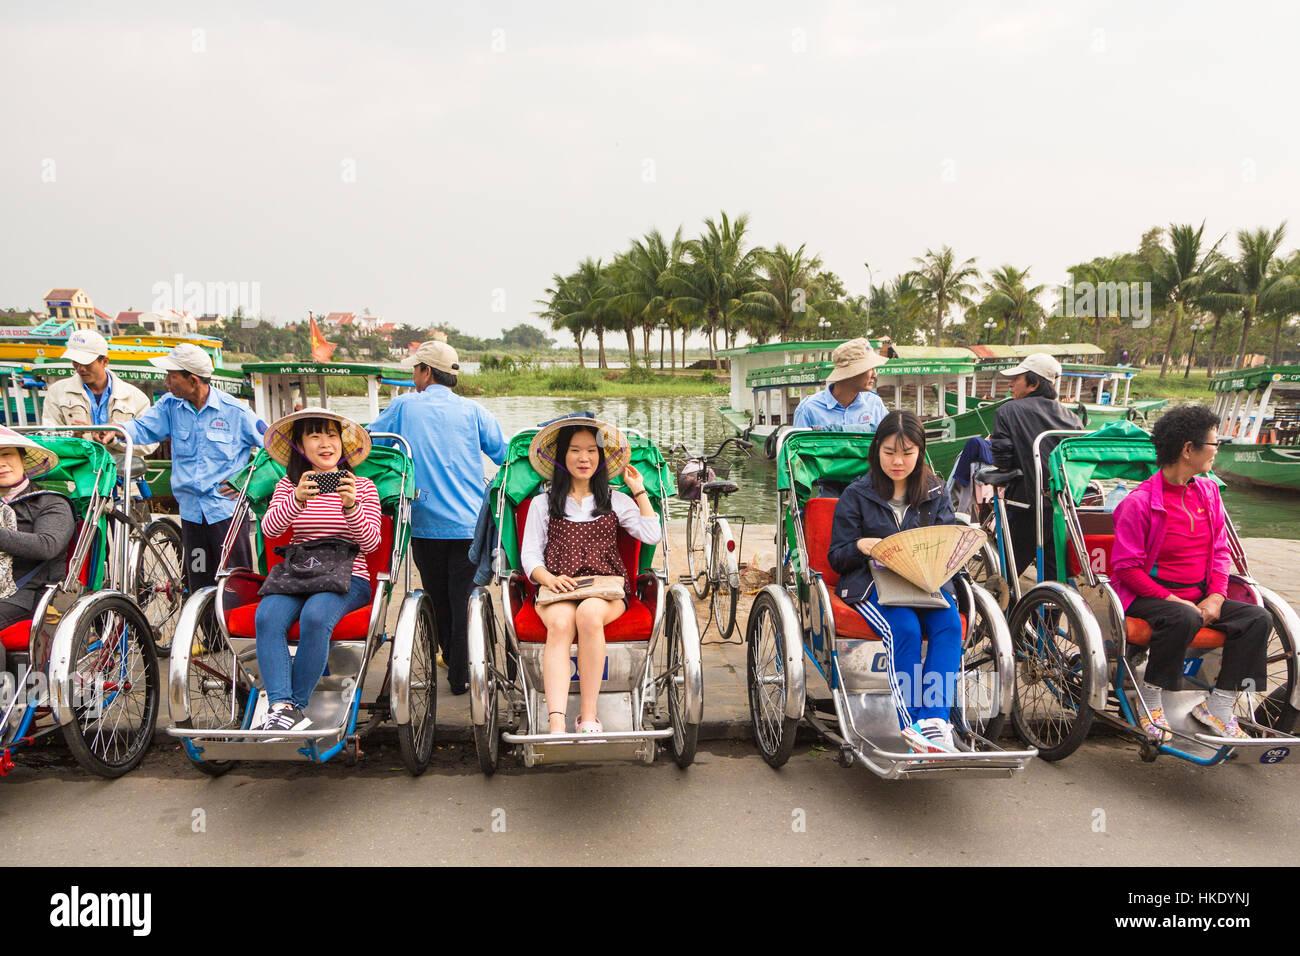 HOI AN, VIETNAM - Febbraio 7, 2016: turisti asiatici attendere per il loro ciclo tour di Hoi An old town per iniziare. Immagini Stock